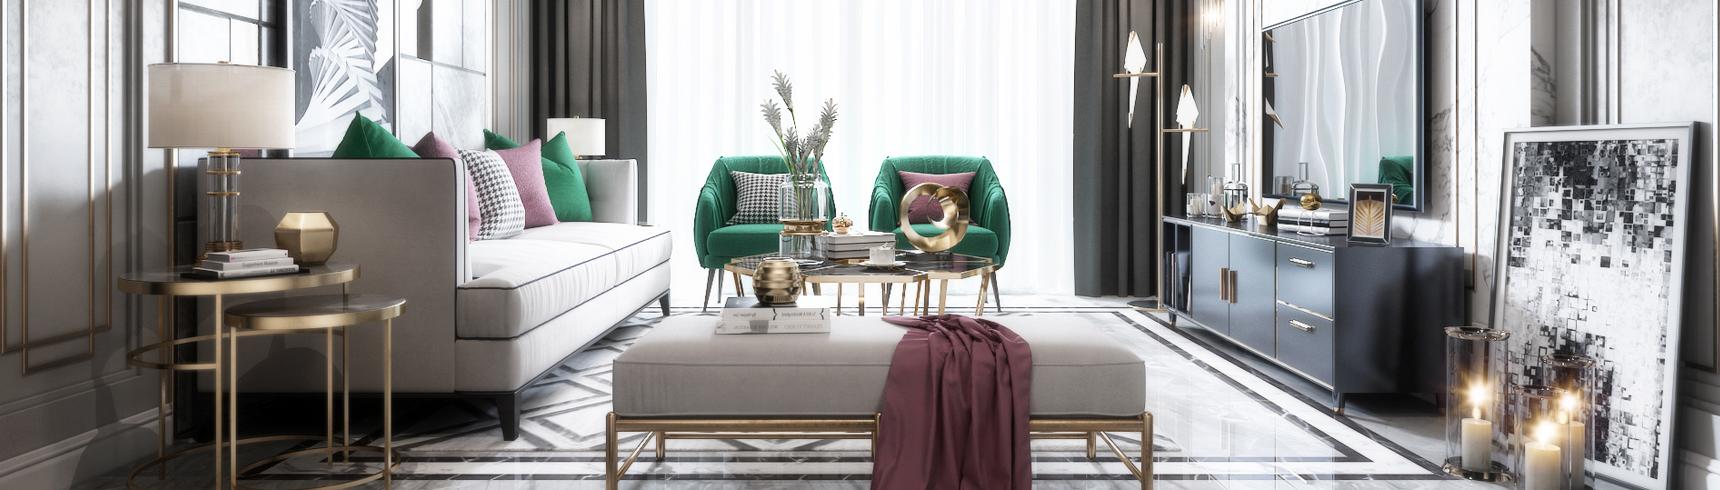 后现代客厅 沙发 餐桌 吊灯 台灯 地毯 窗帘 装饰品 挂画 茶几3D模型下载